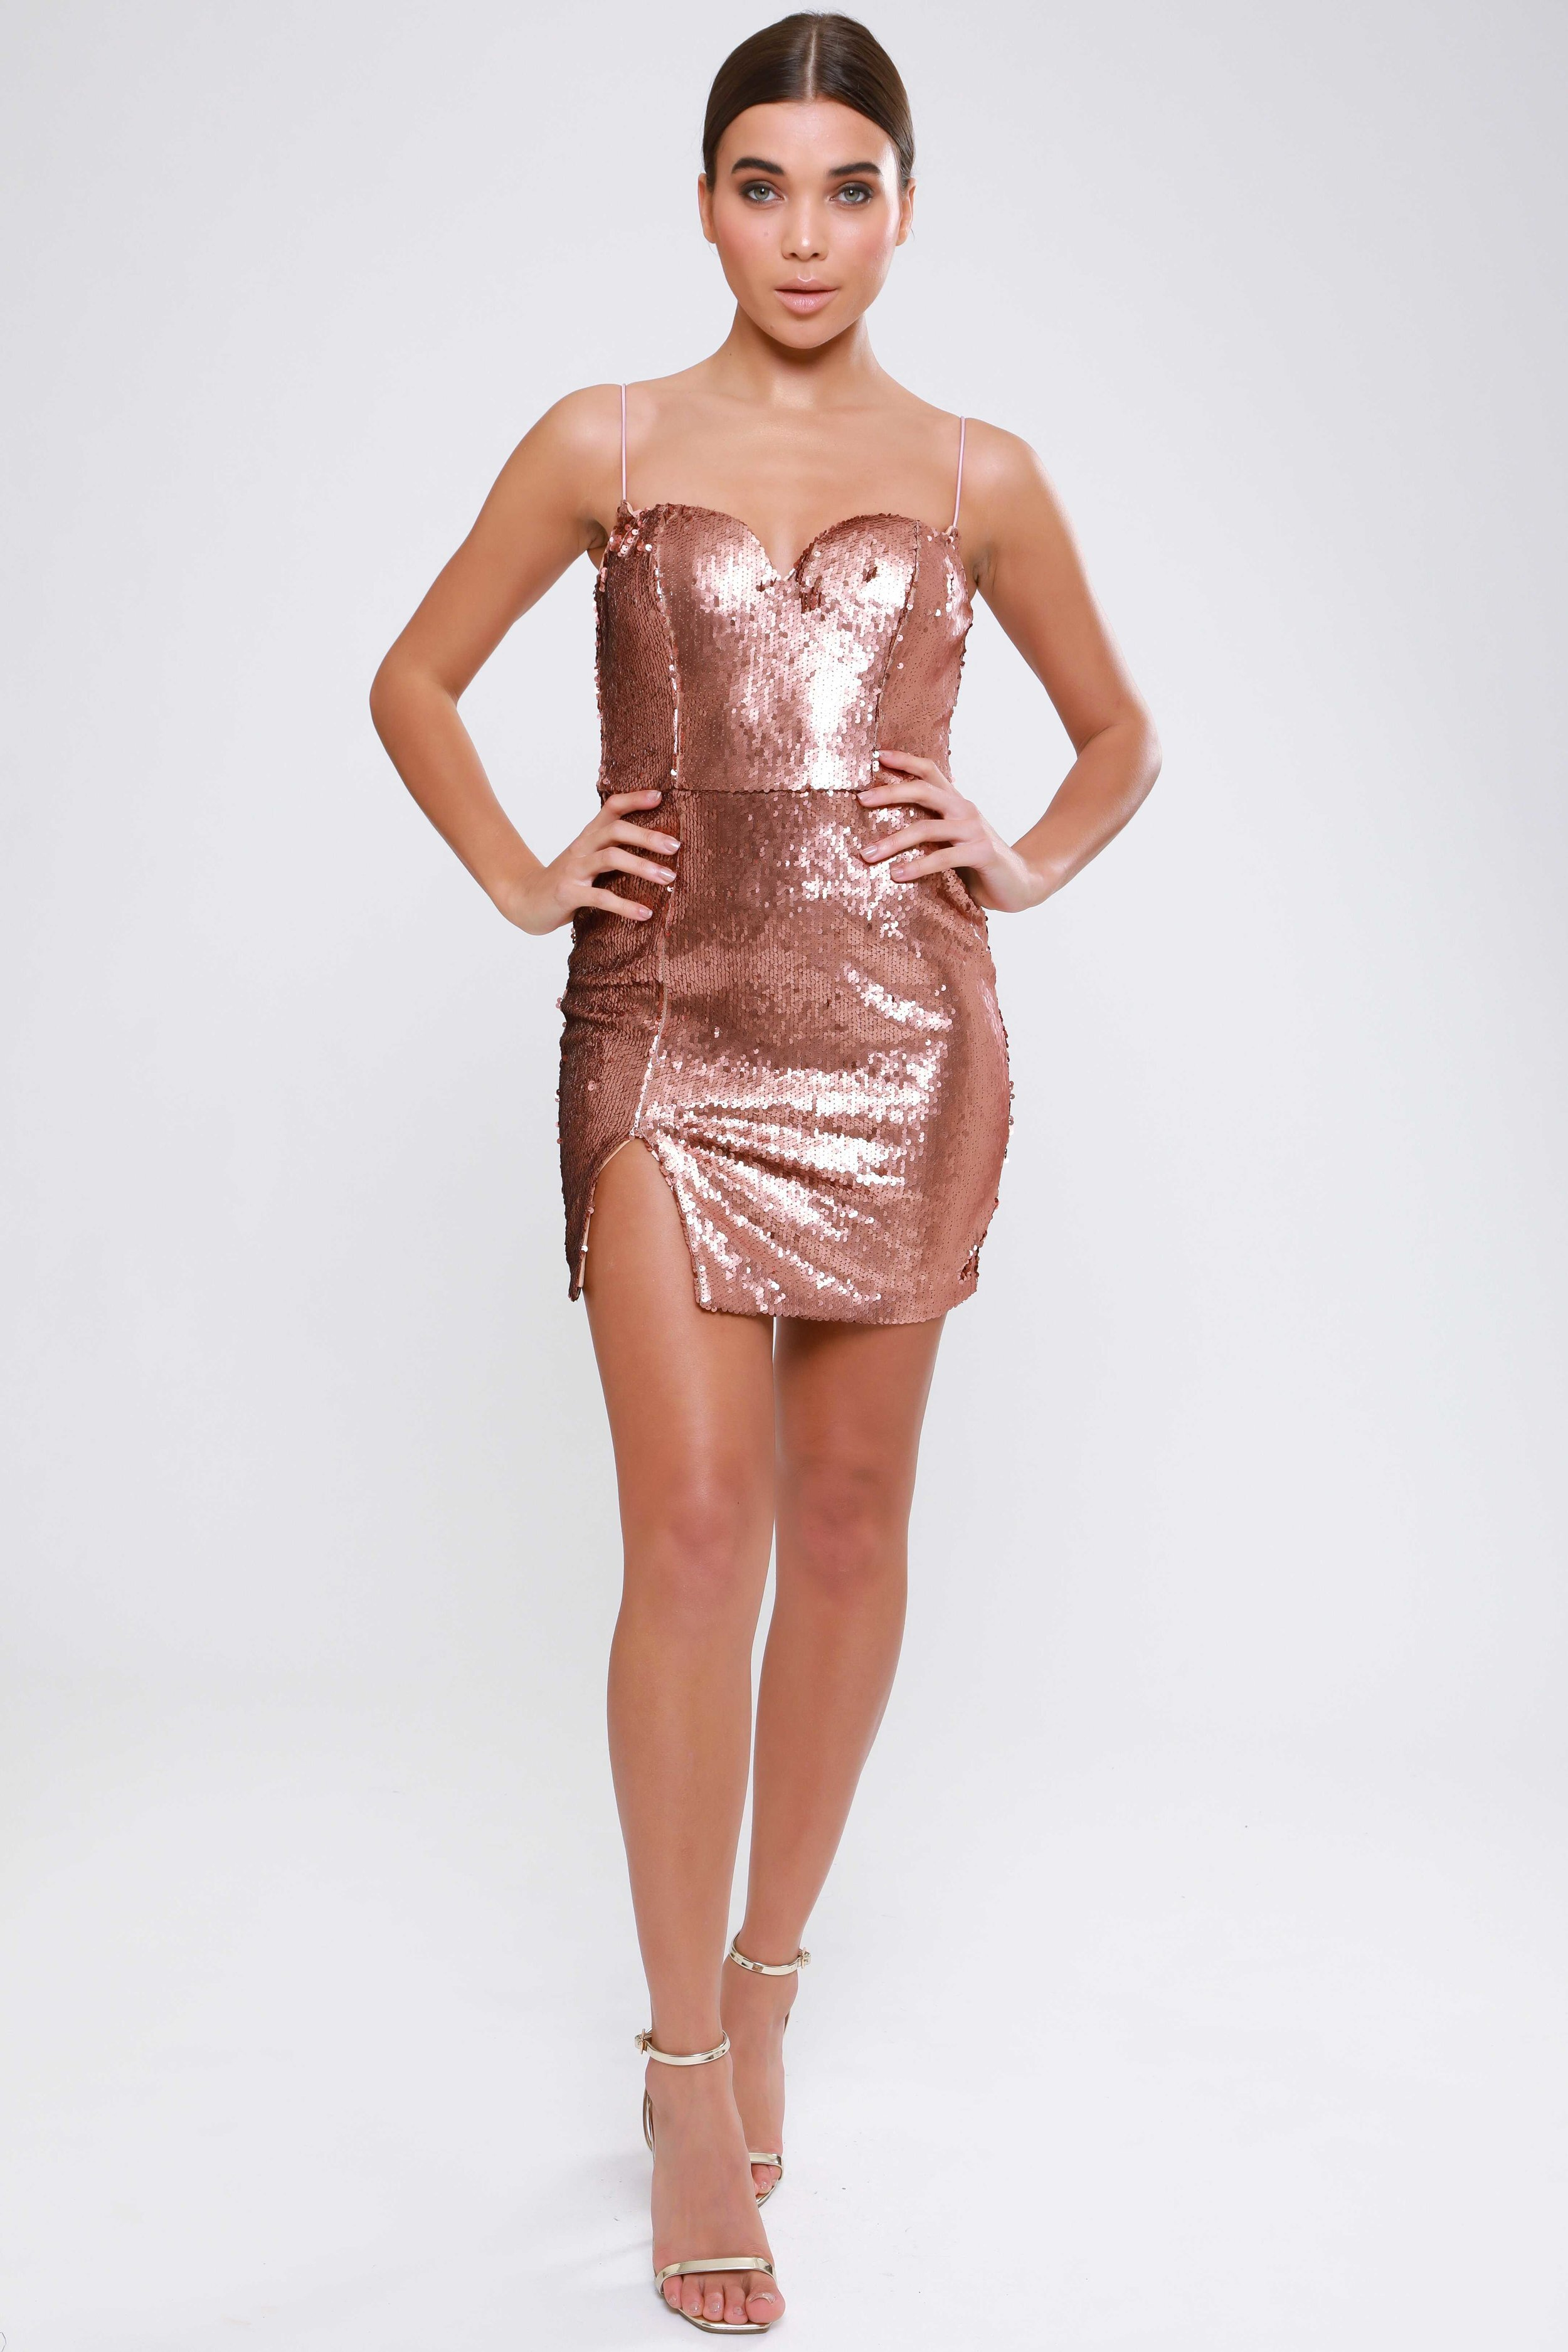 Matte Copper Sequin  Bodycon Dress   £55.00